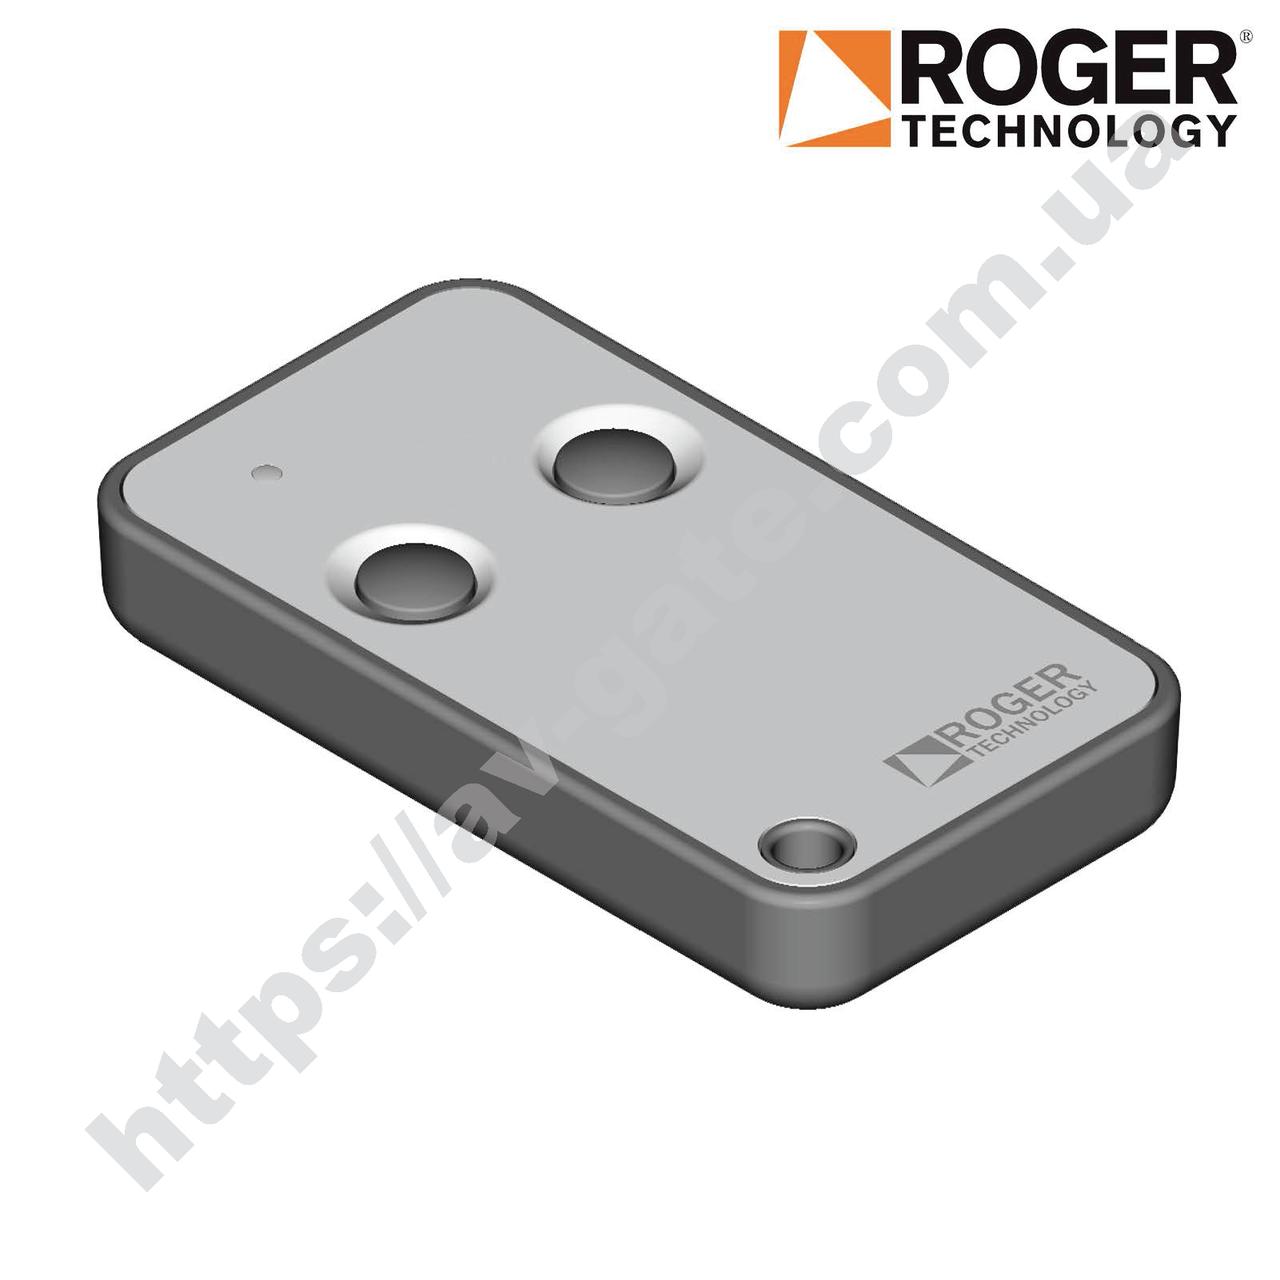 Пульт E80/ТХ52R Roger